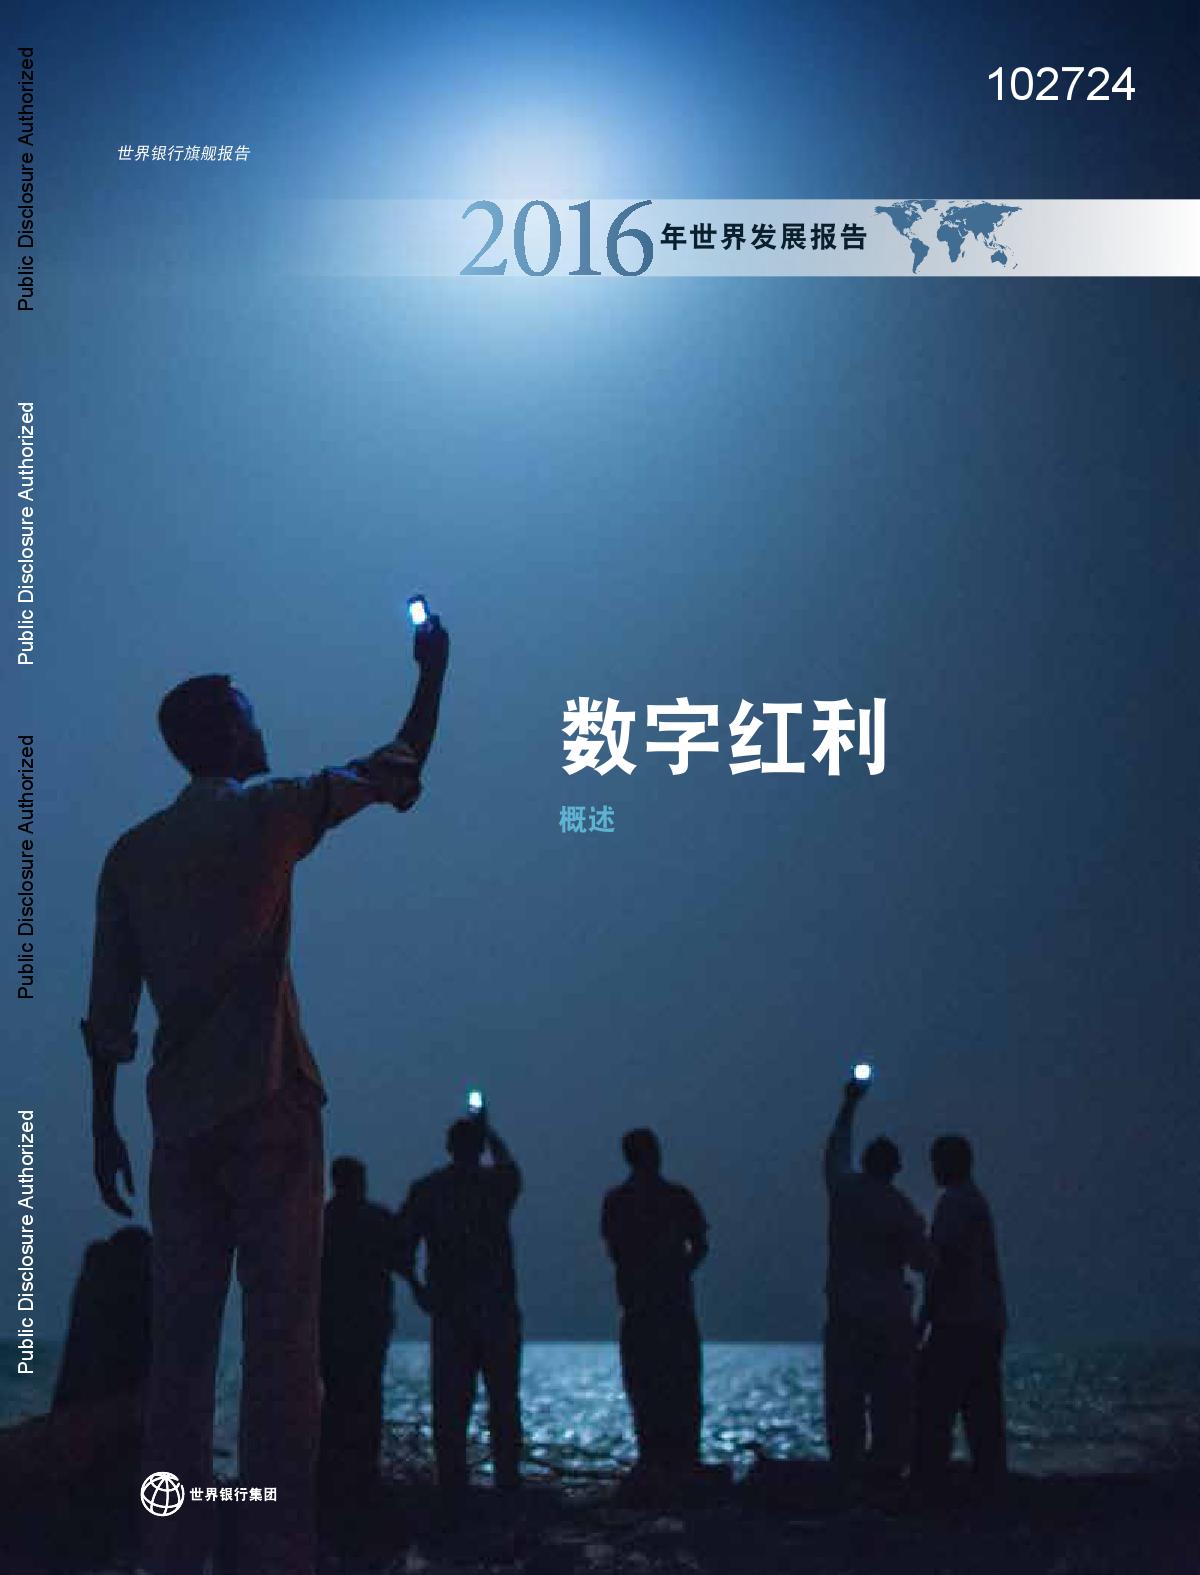 2016年世界发展报告-数字红利_000001